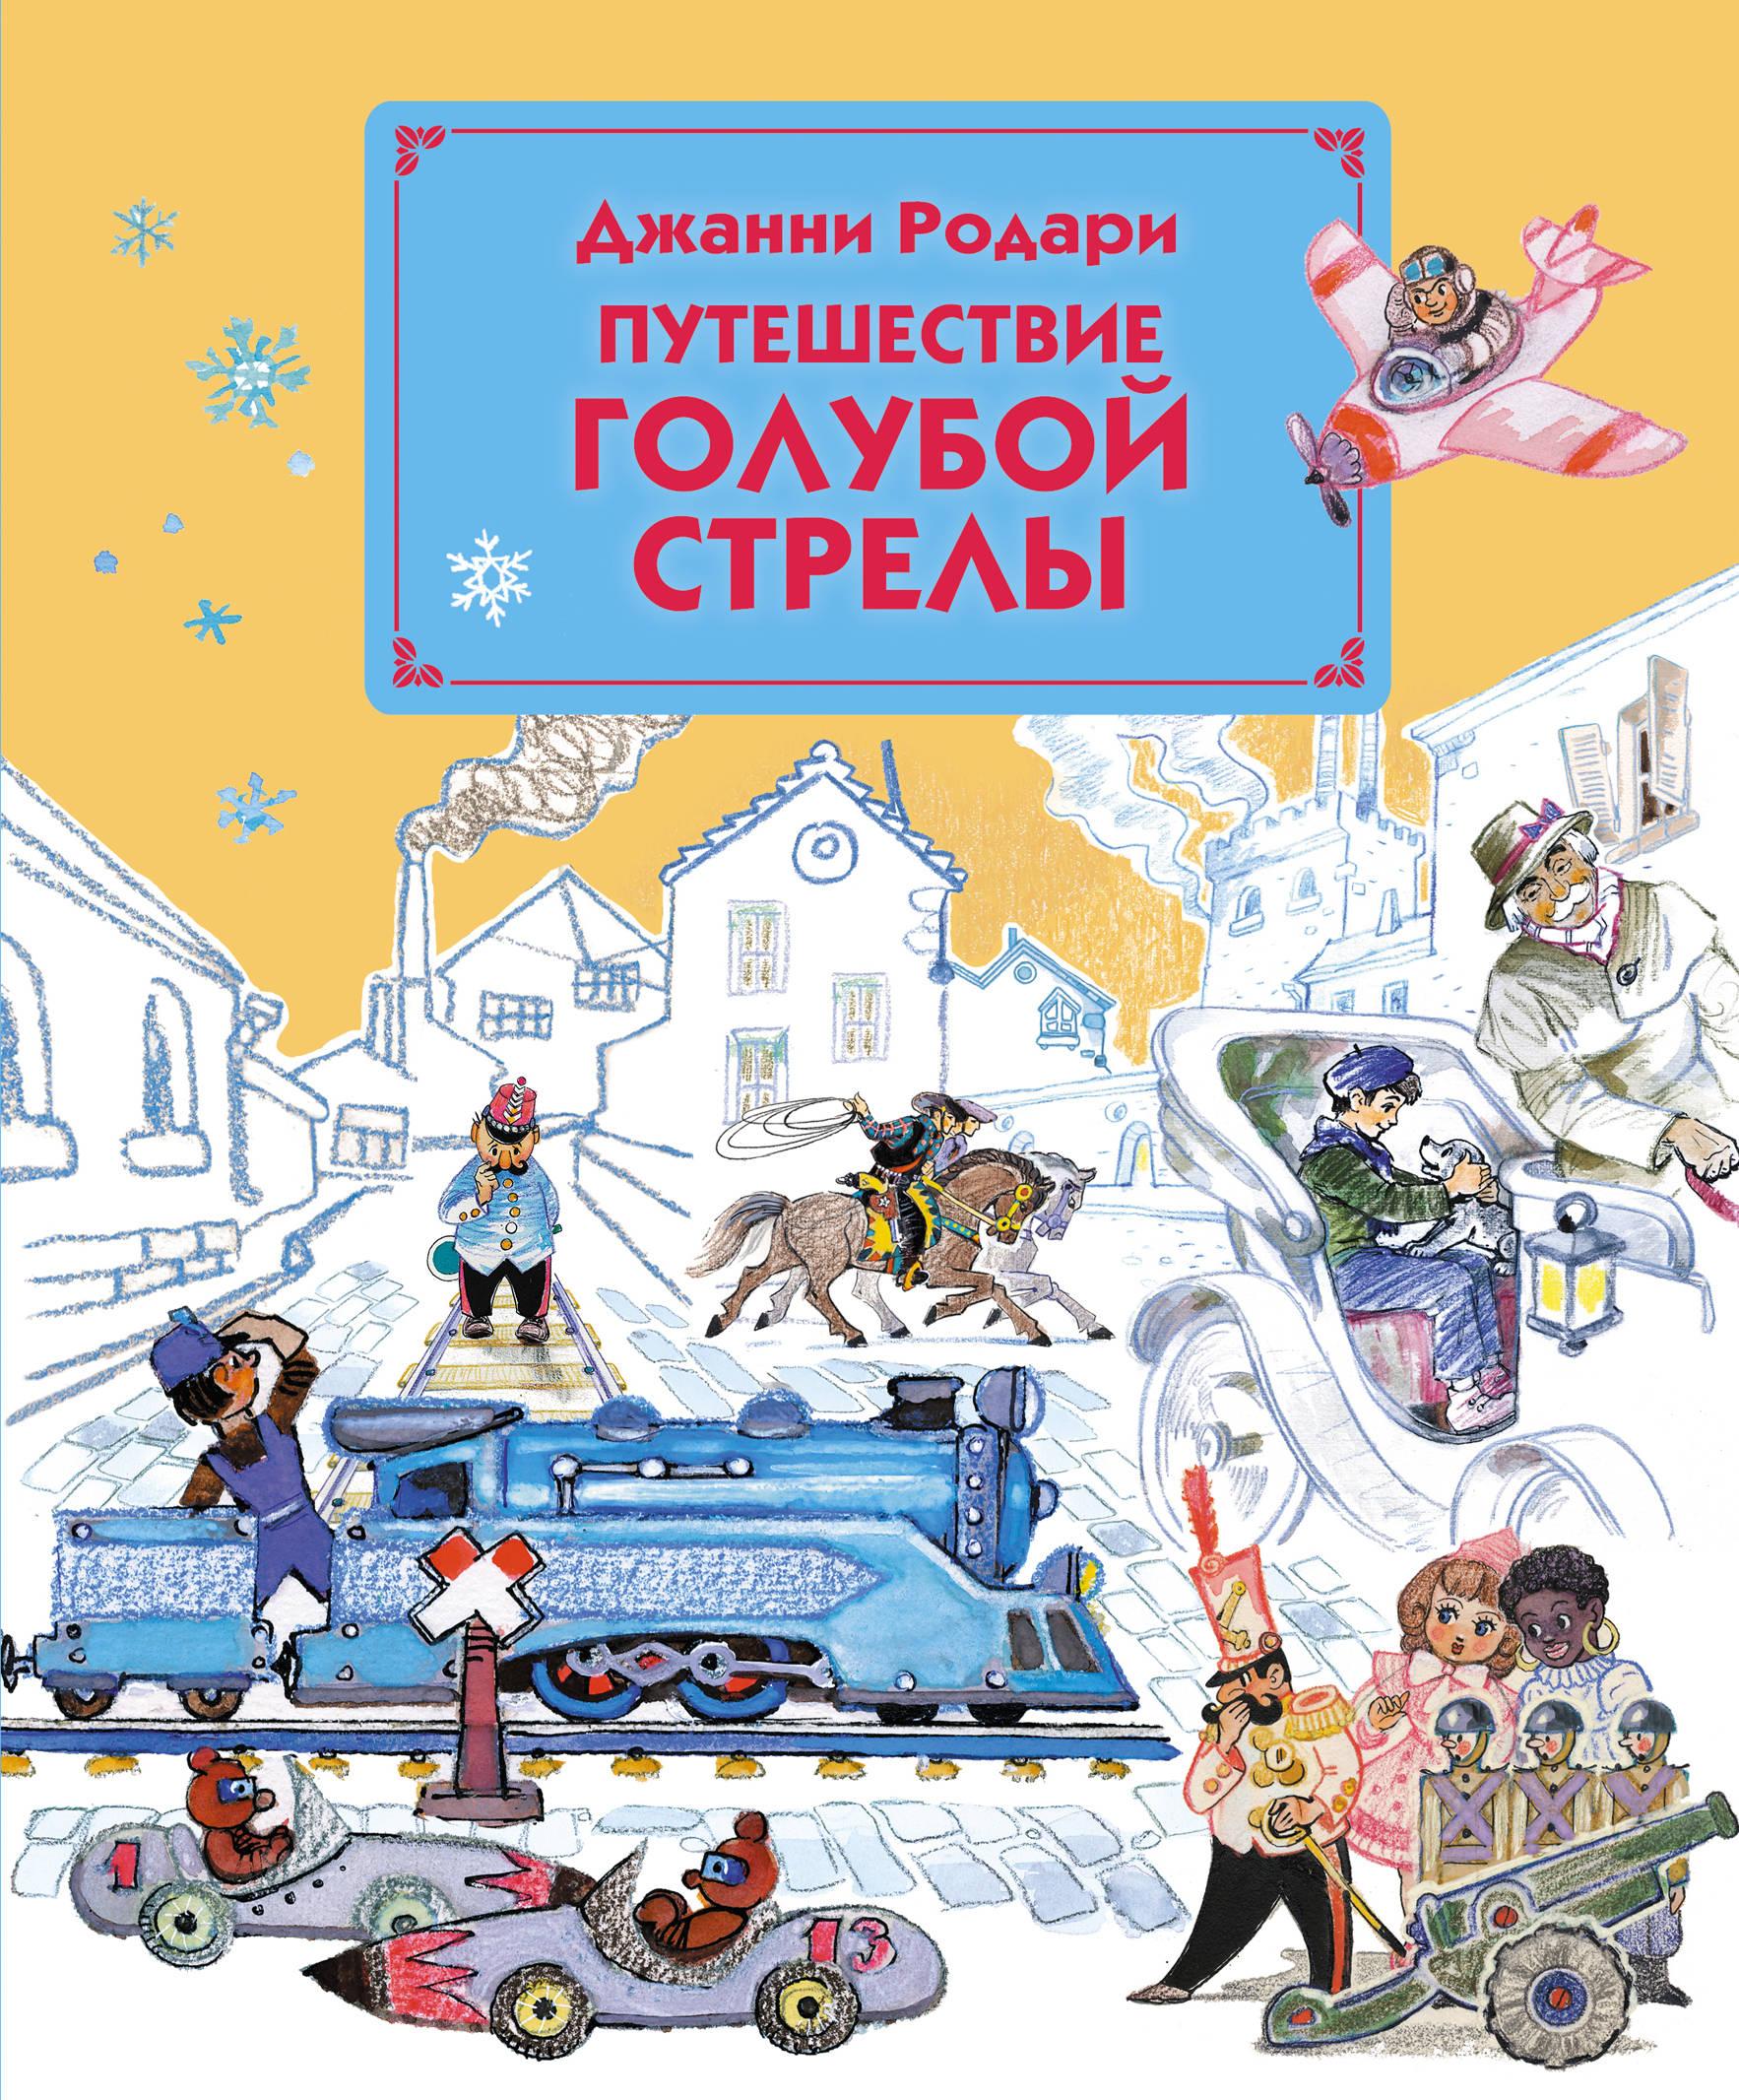 Джанни Родари Путешествие Голубой Стрелы путешествие фильм 2013